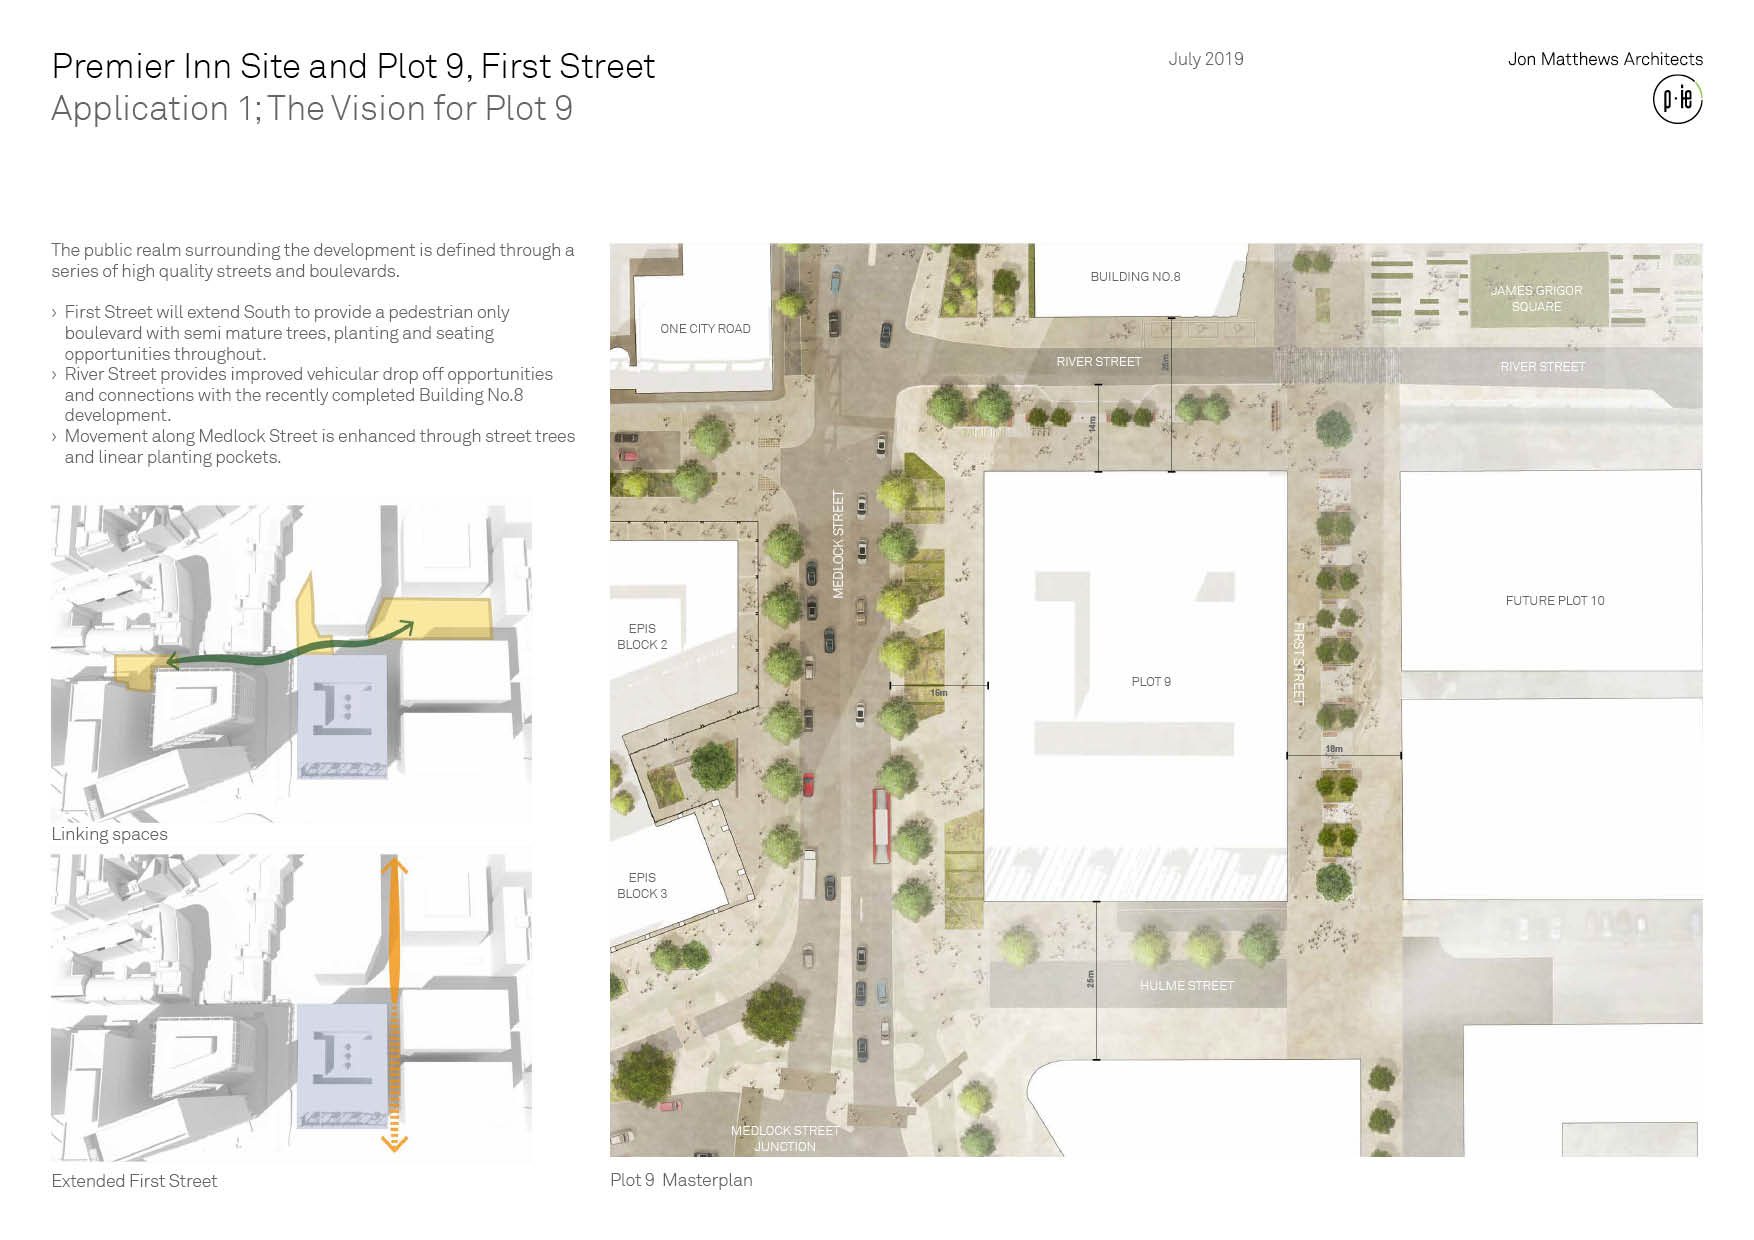 first_street_premier_inn_plot_9_4.jpg